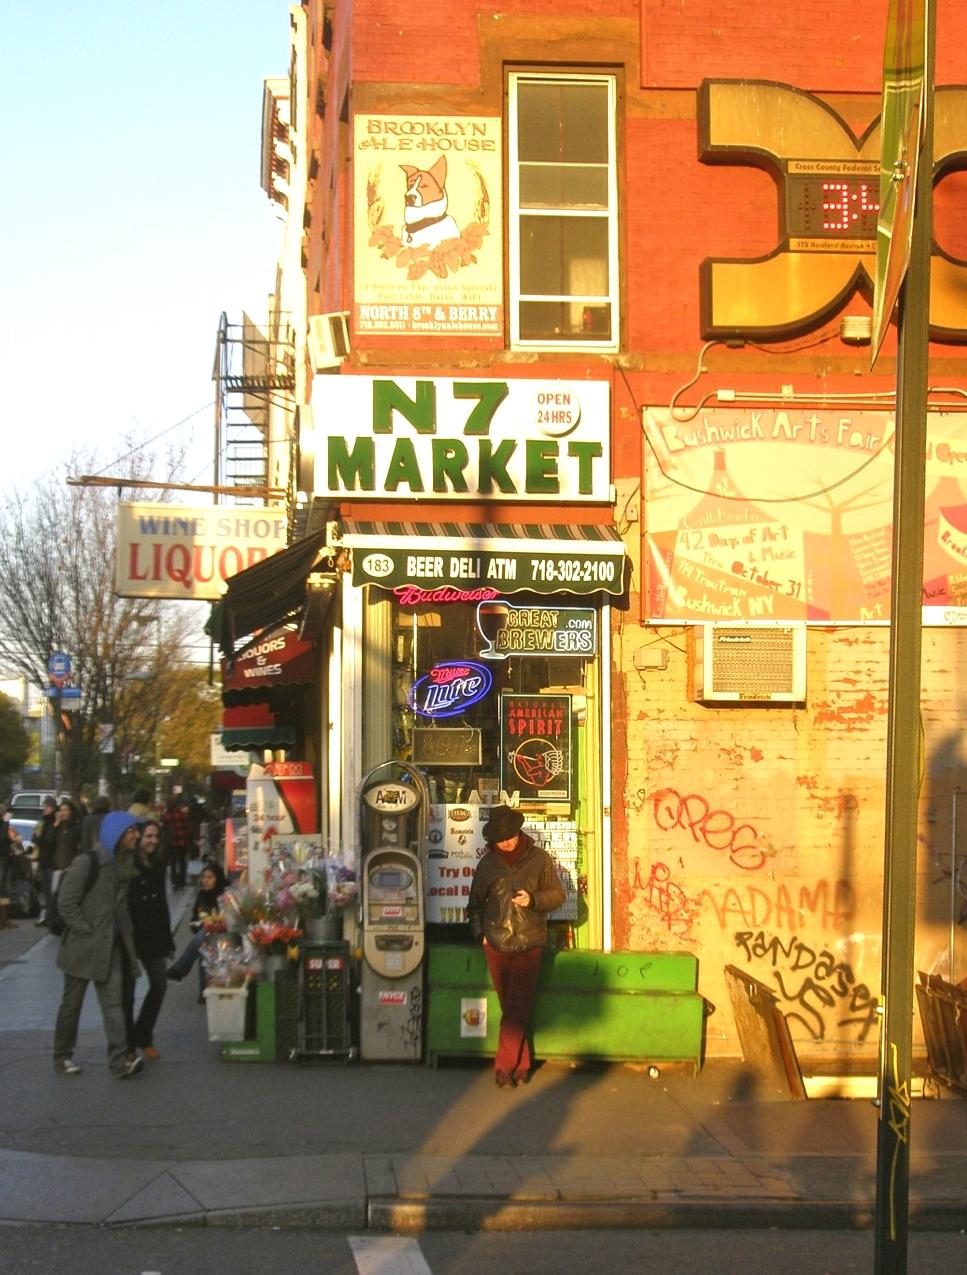 corner market (Brooklyn)